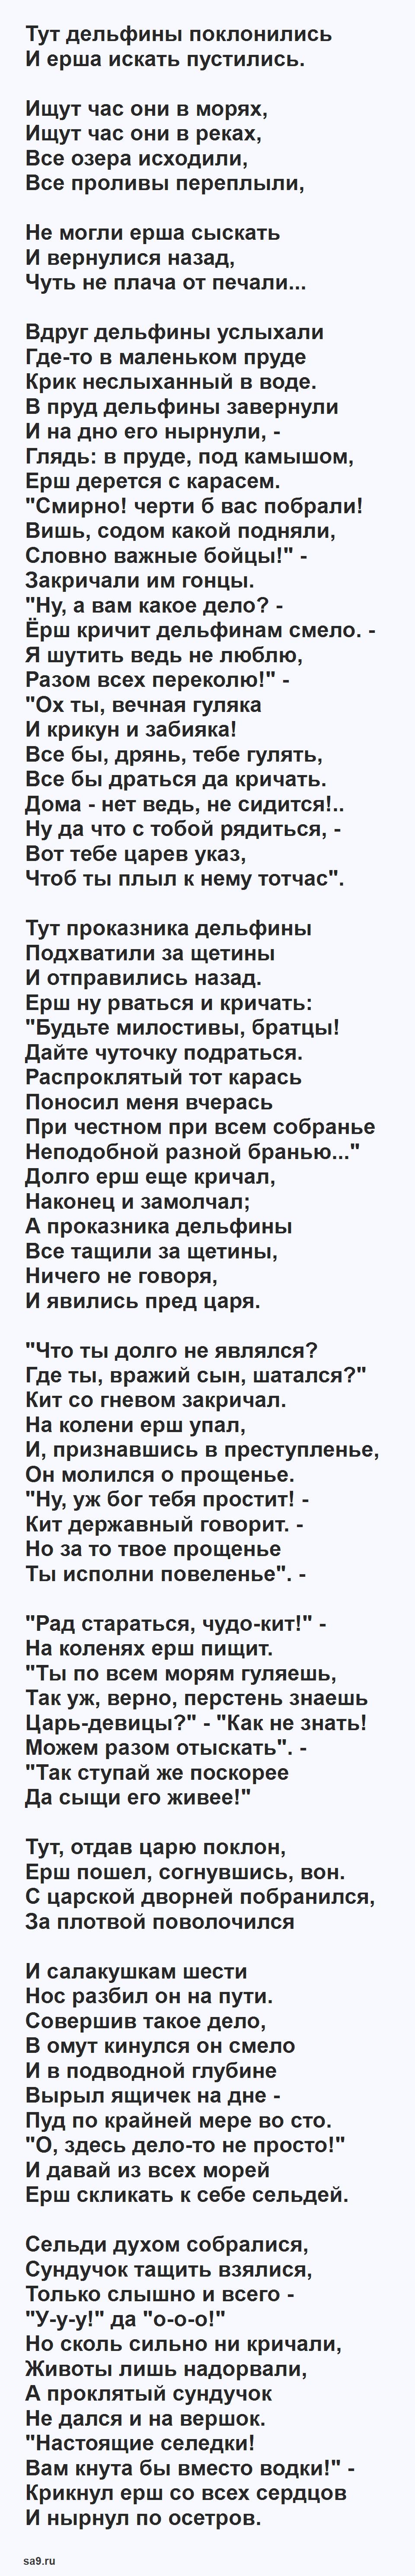 Читаем сказку 'Конек-Горбунок'